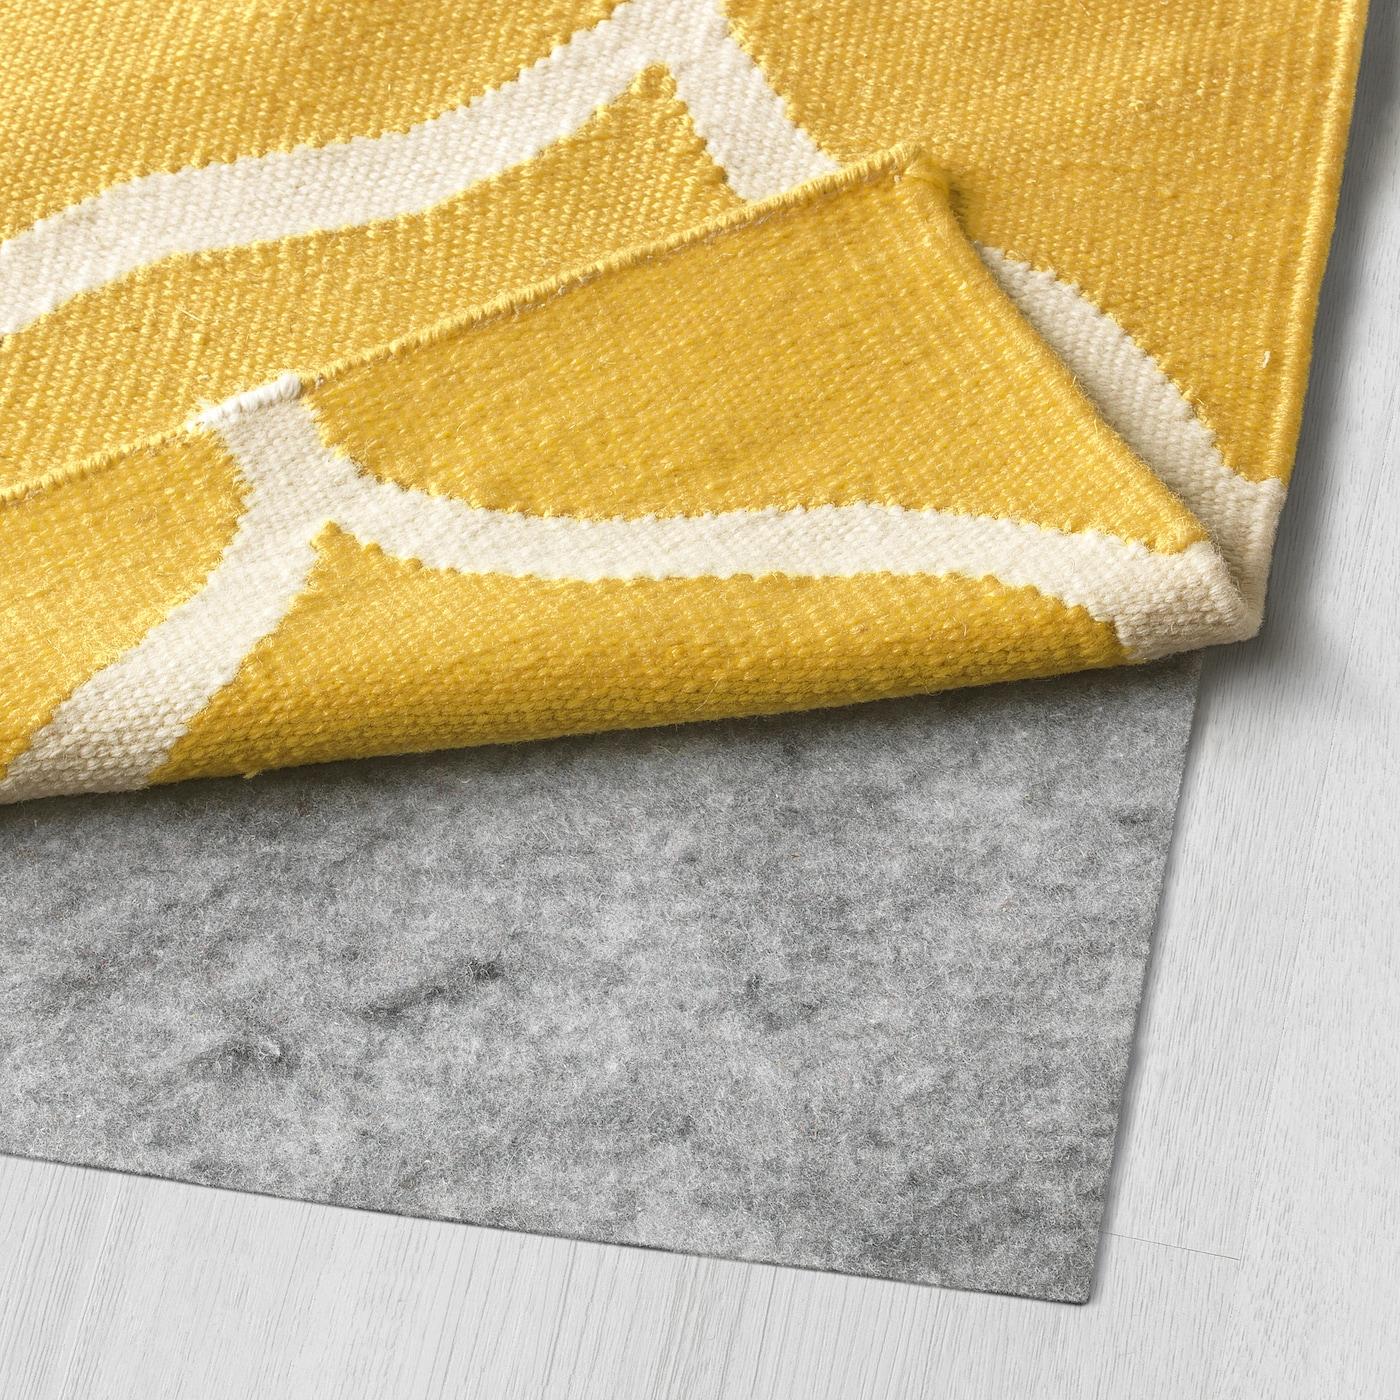 Lavare Tappeto Lana Ikea stockholm tappeto, tessitura piatta - motivo a rete fatto a mano, motivo a  rete giallo giallo 170x240 cm